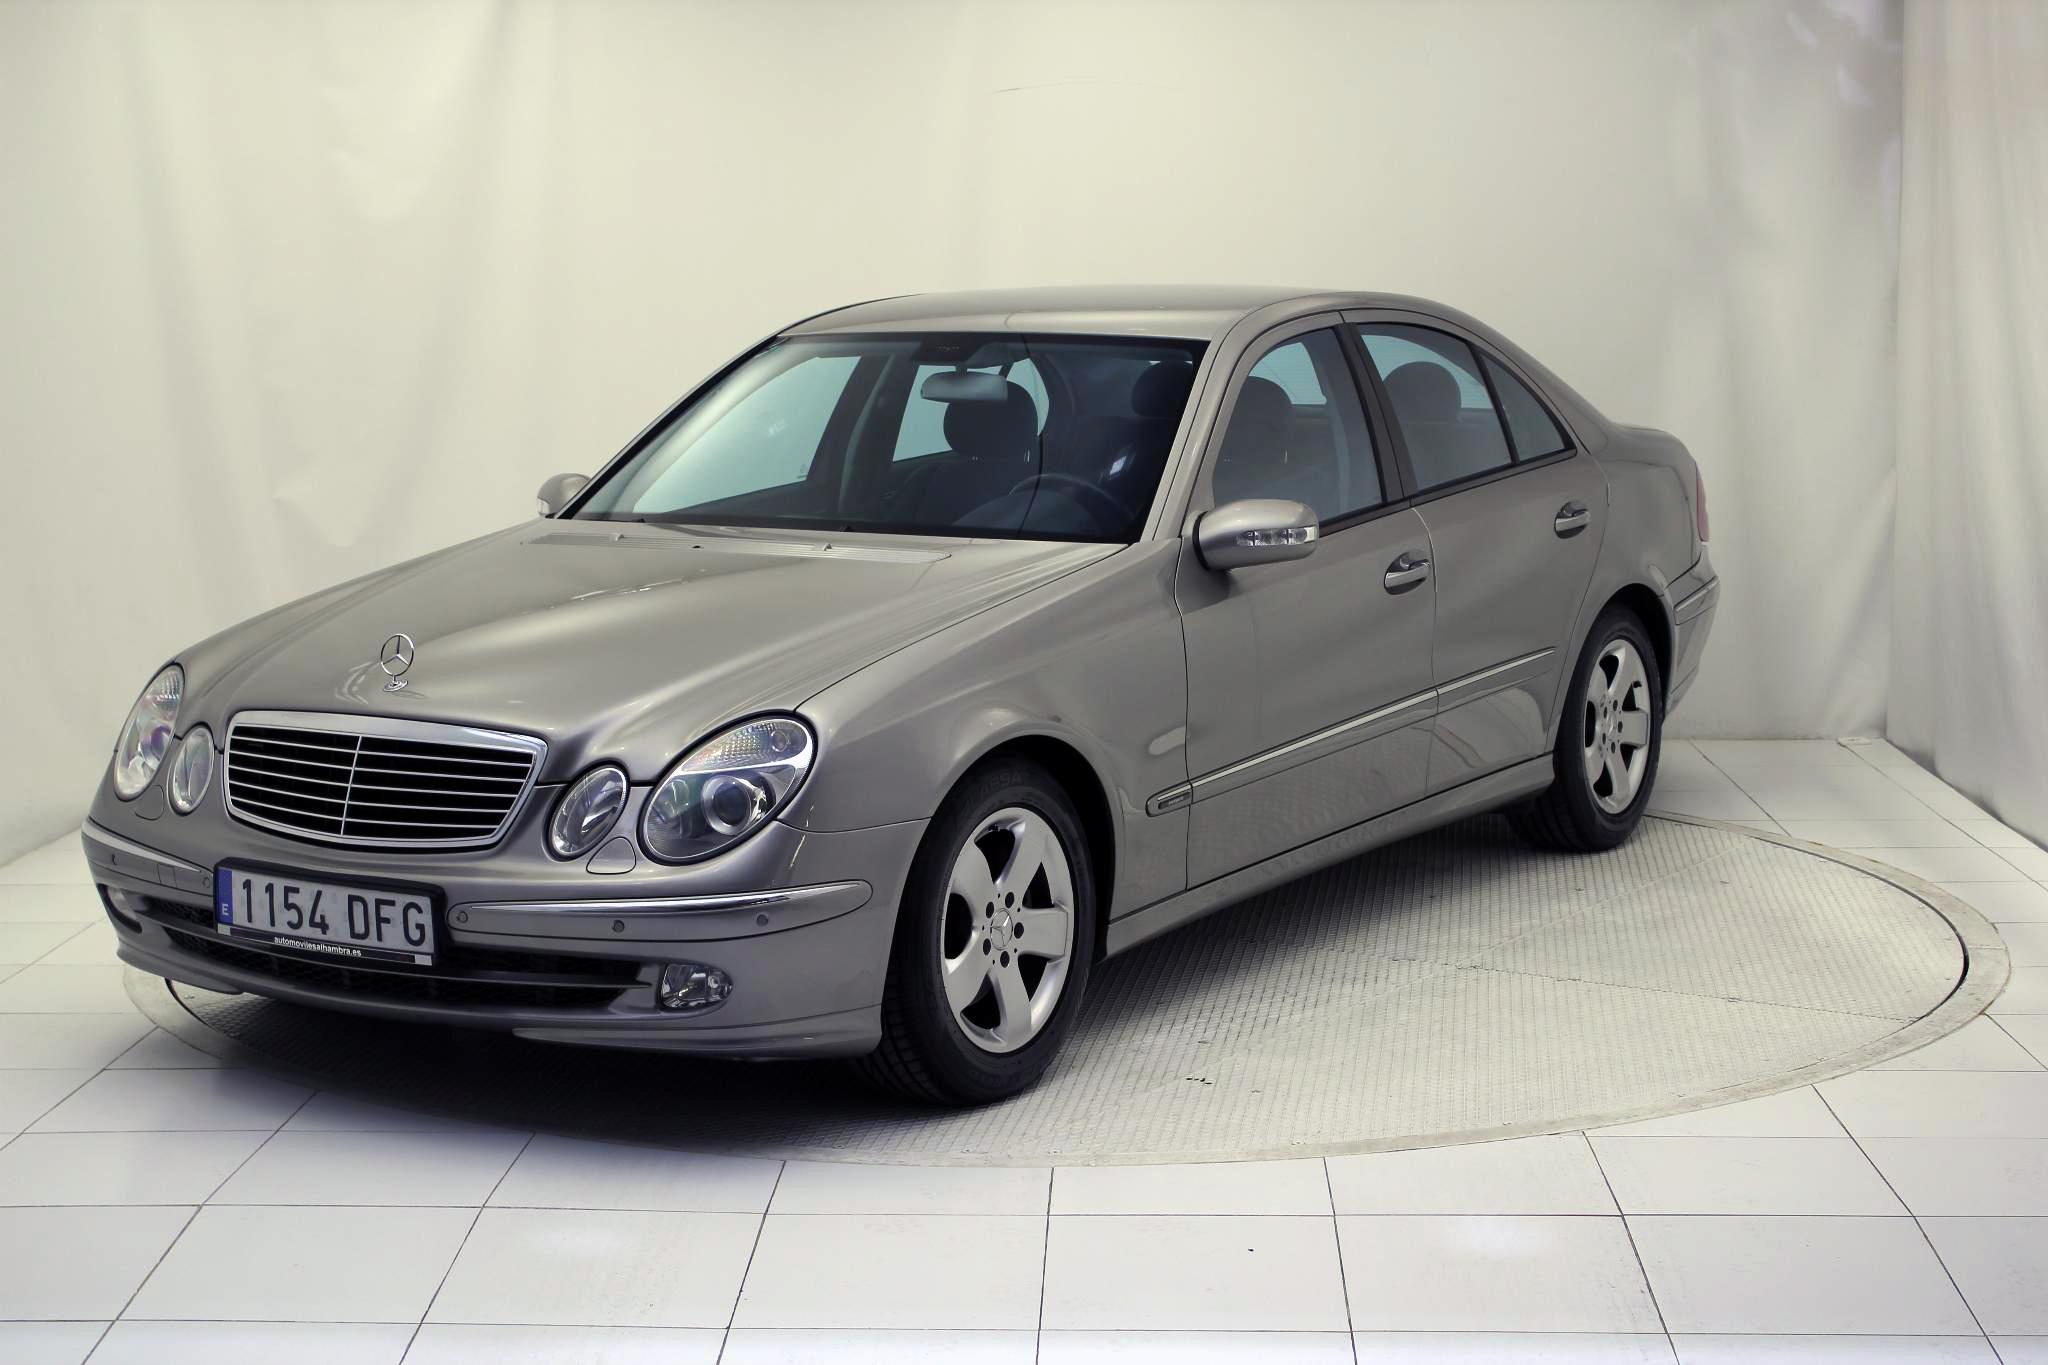 Coches de segunda mano y ocasi n alhambra servicios for Mercedes benz alhambra